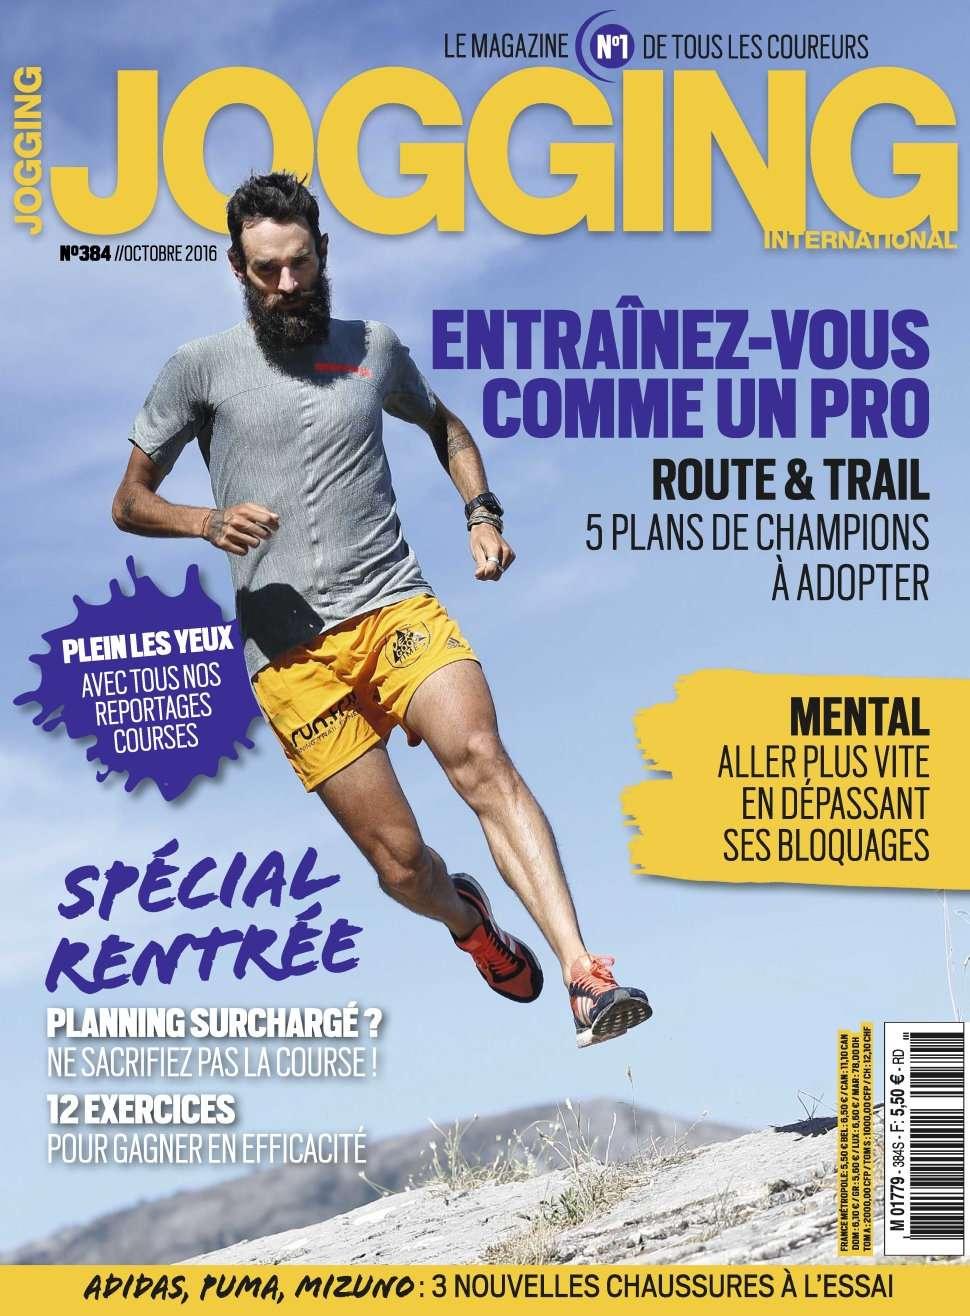 Jogging International 384 - Octobre 2016